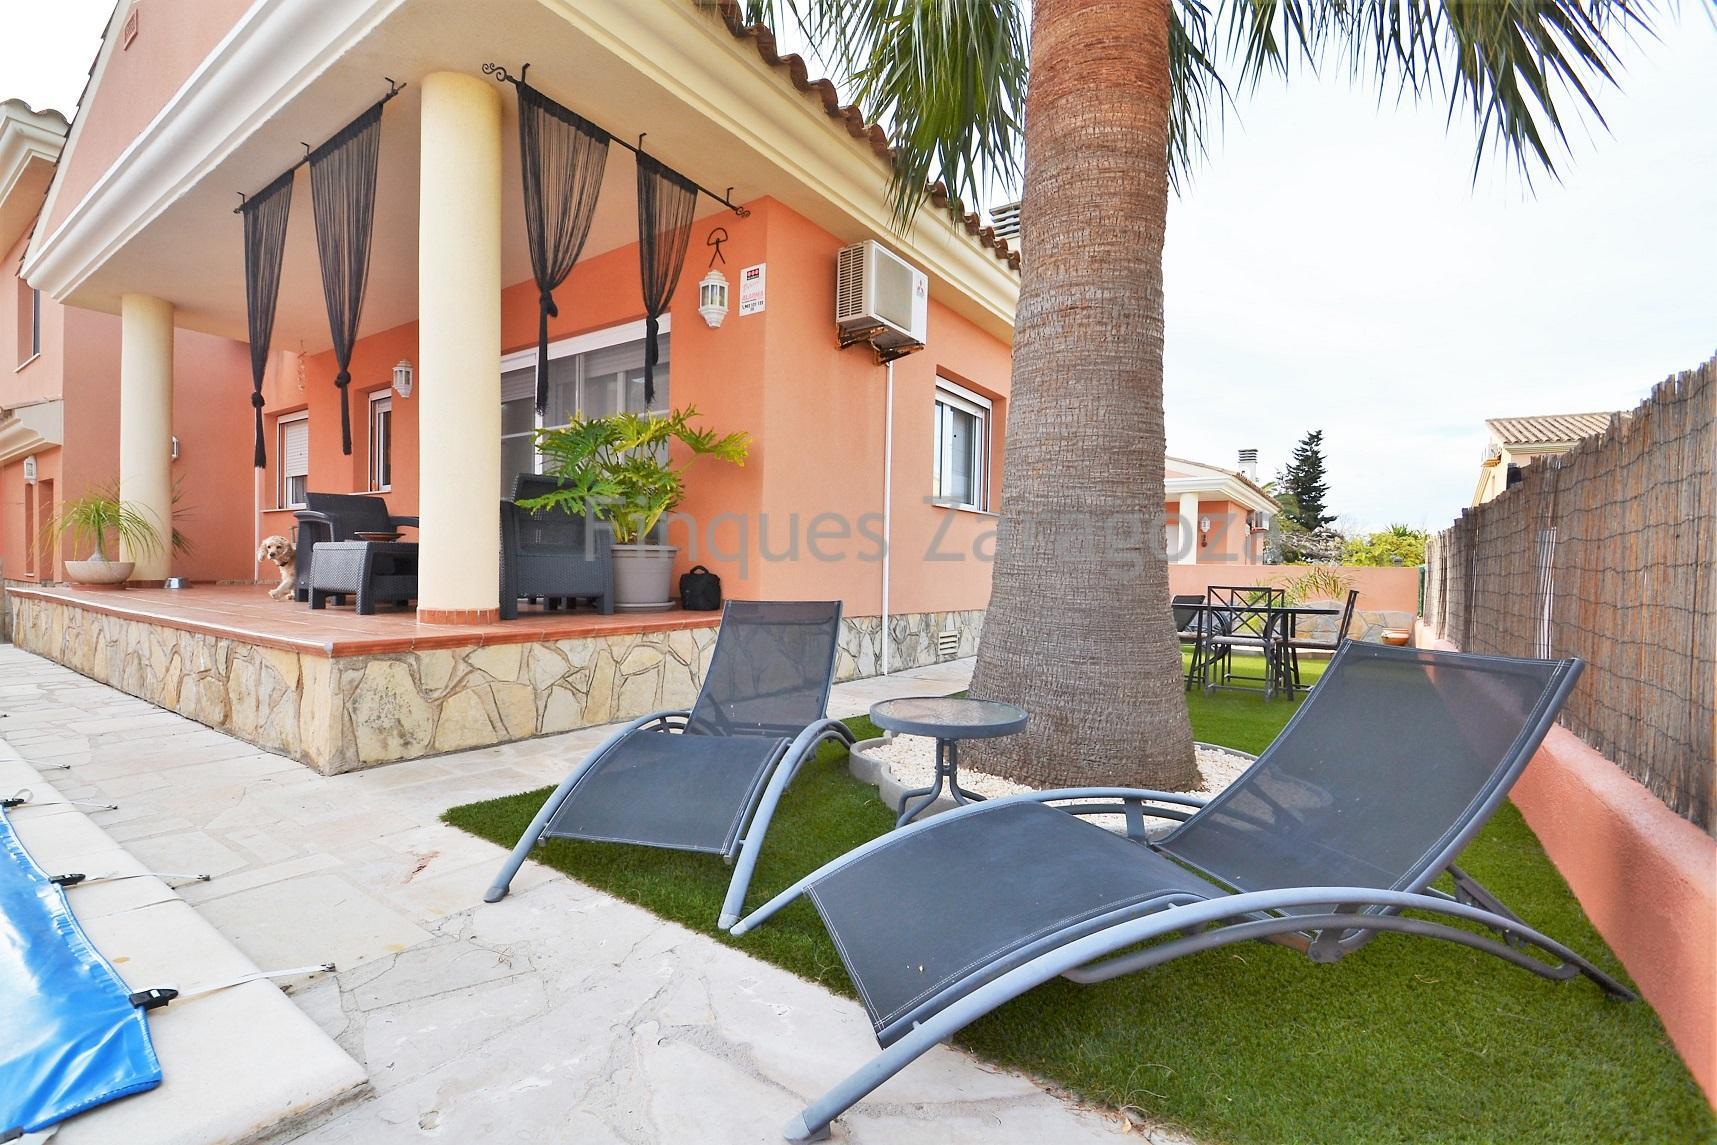 Maison Moderne Et Confortable Avec Piscine Privee A Riumar